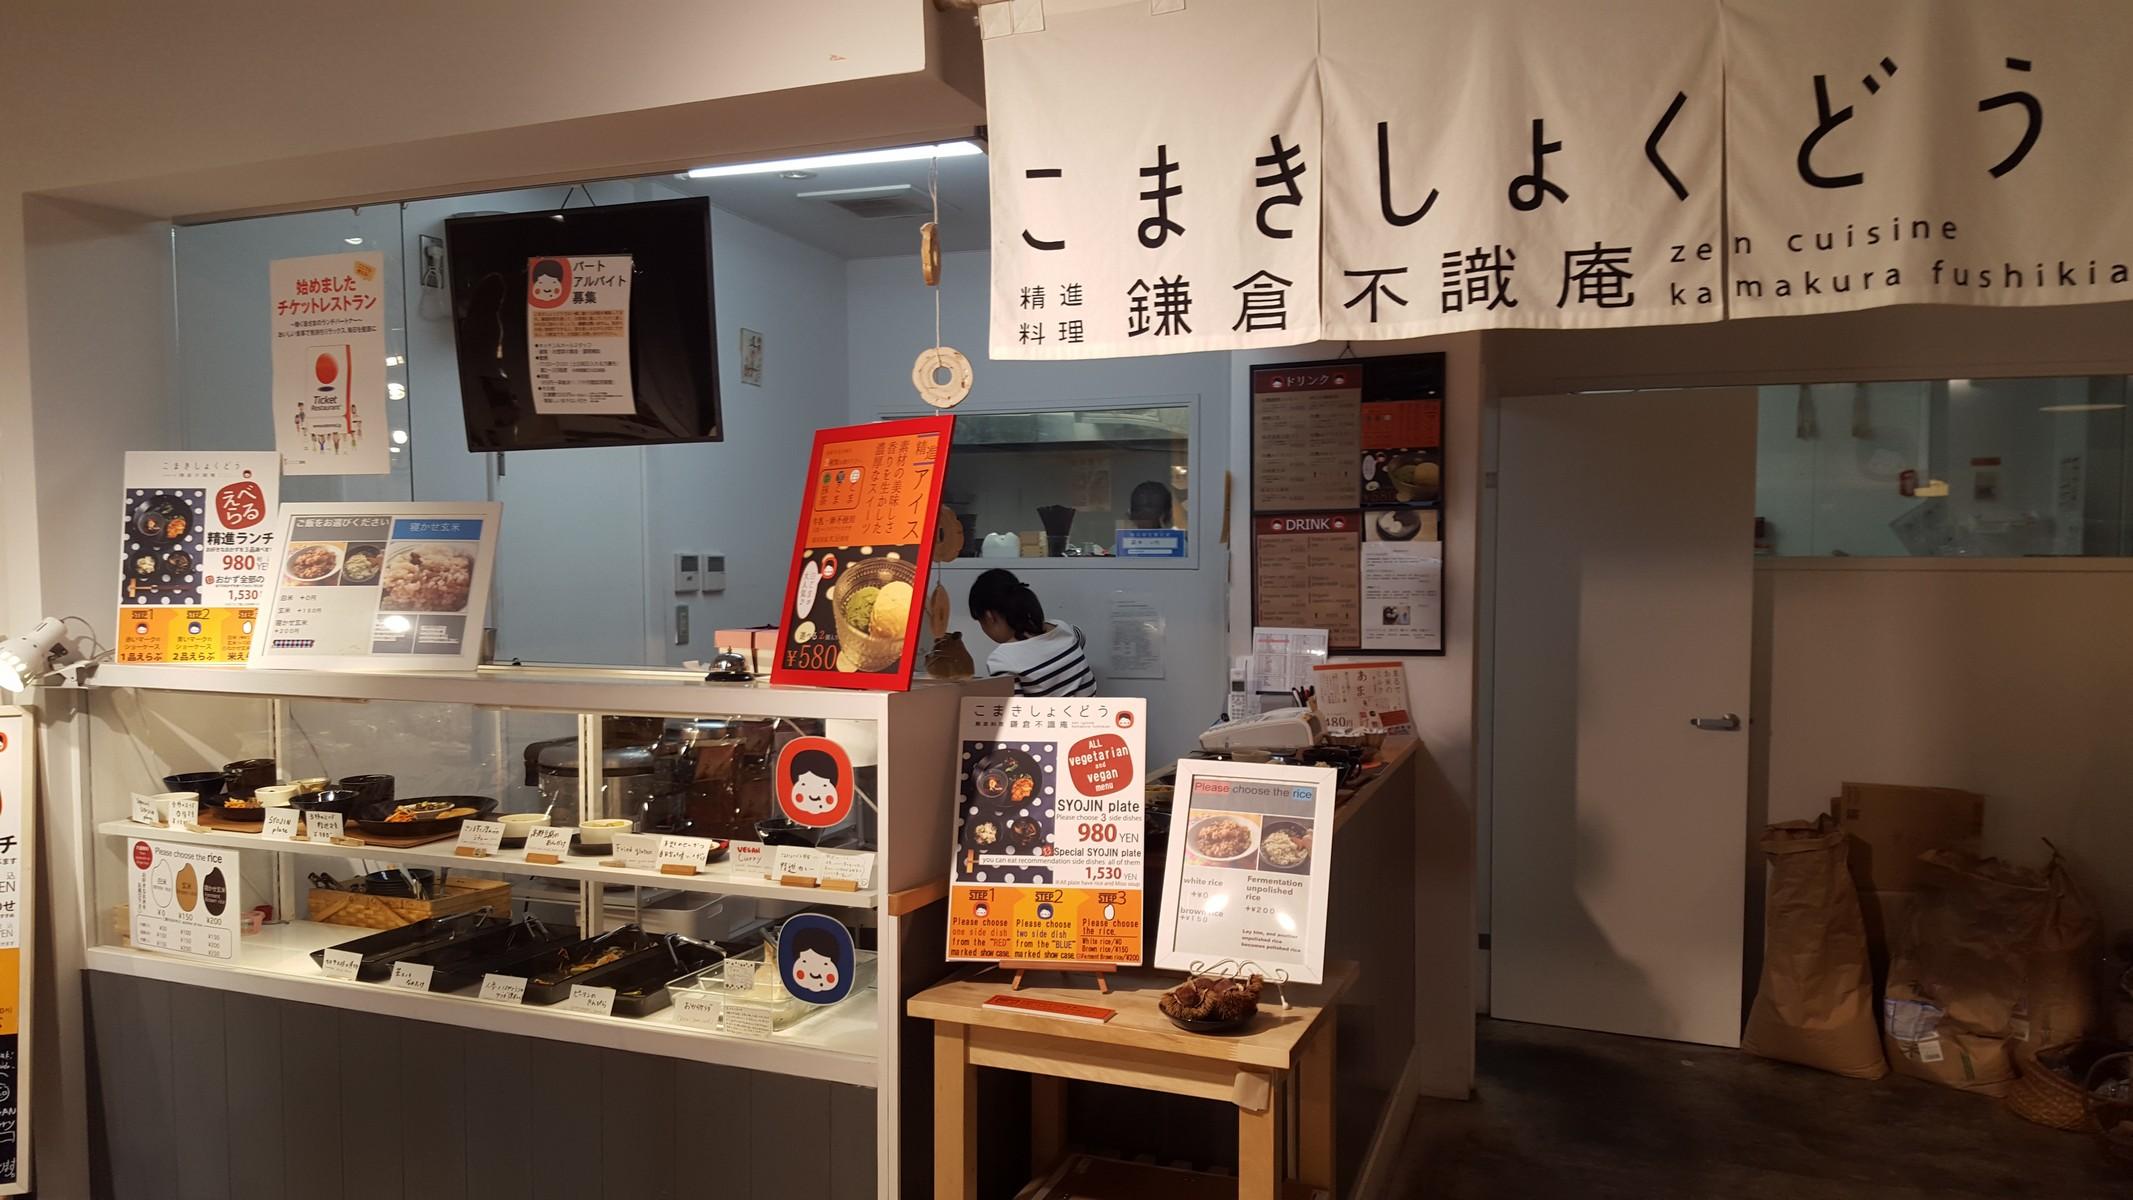 店舗外観【こまきしょくどう鎌倉不識庵/秋葉原】